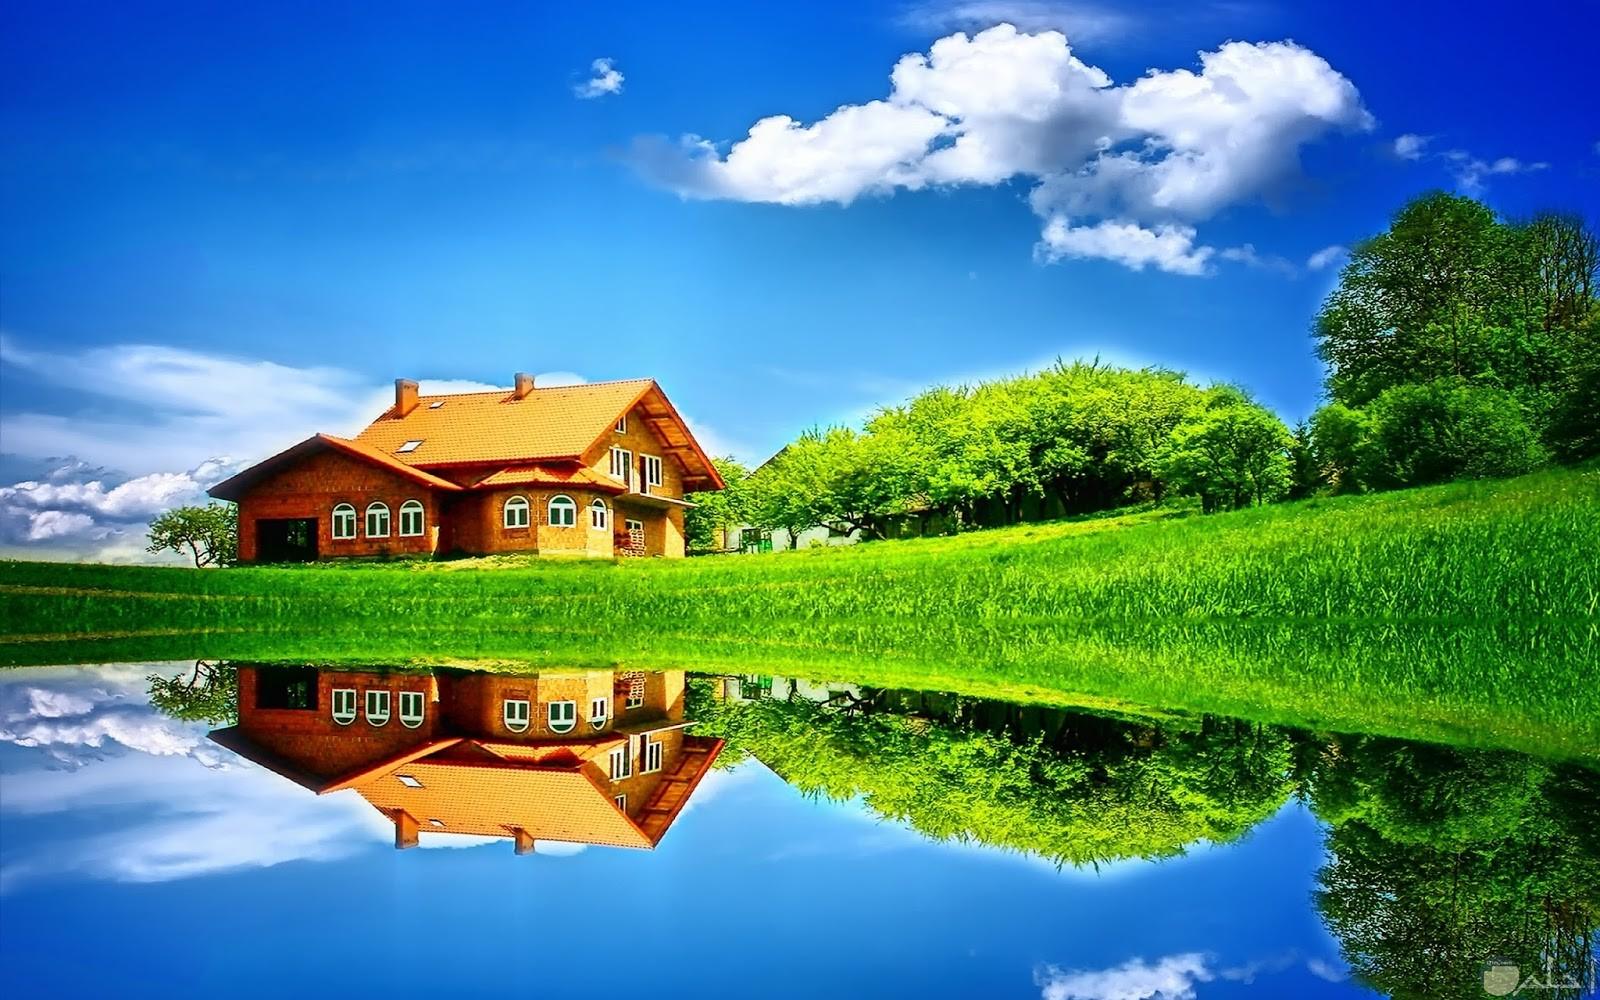 منزل بسيط وسط المرج الأخضر الكبير.